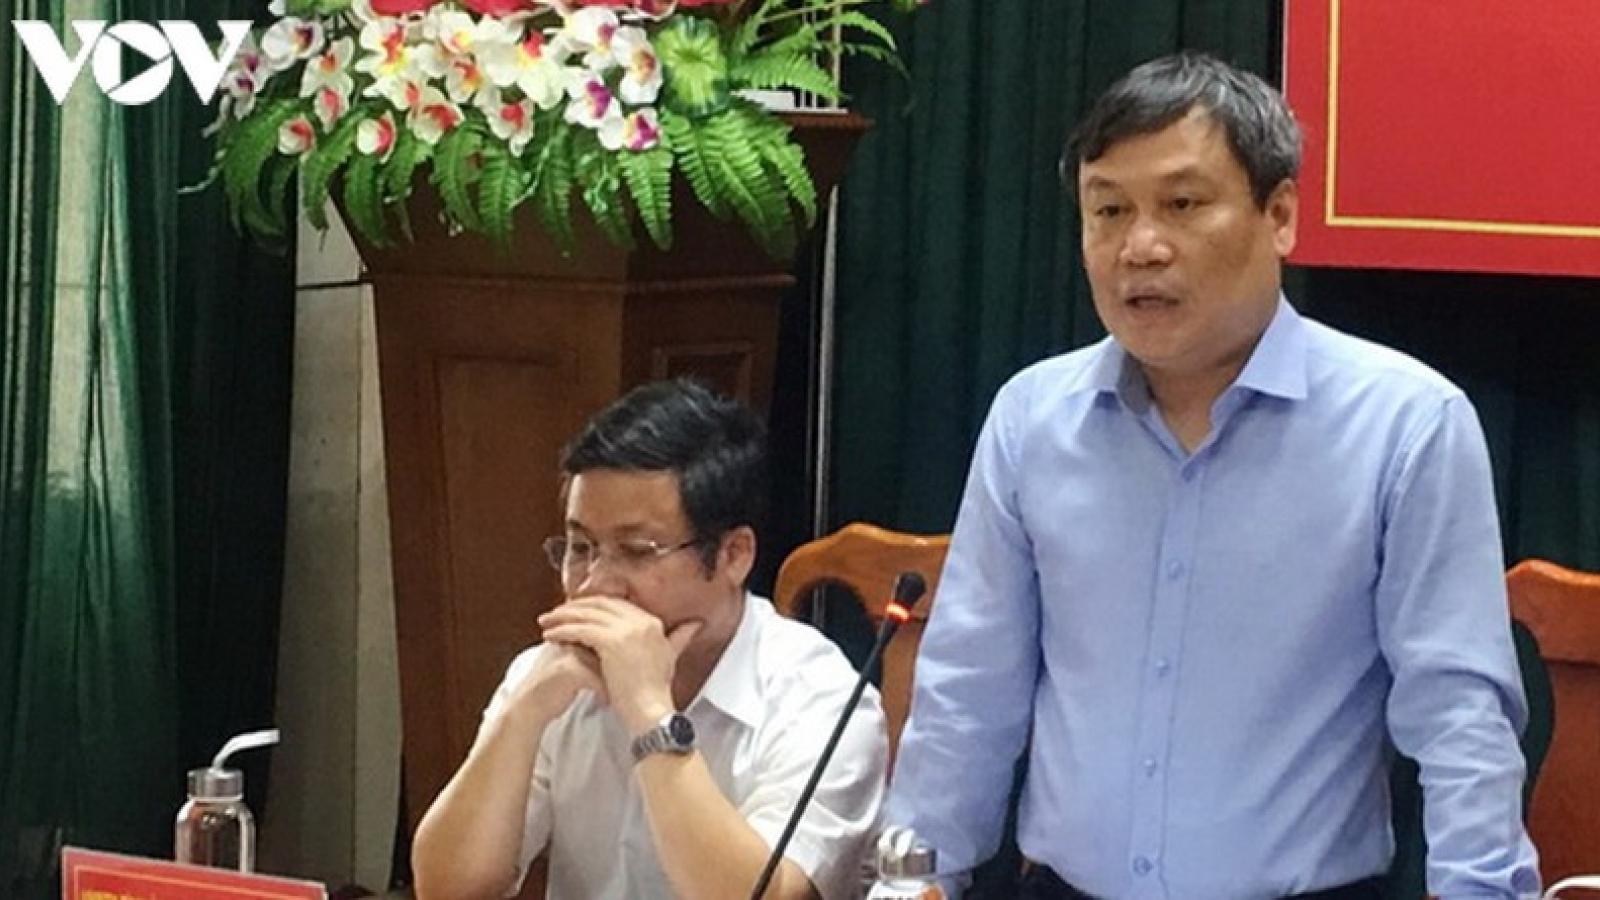 Bí thư Quảng Bình lên tiếng về việc chi 2,2 tỷ đồng mua cặp tặng đại biểu